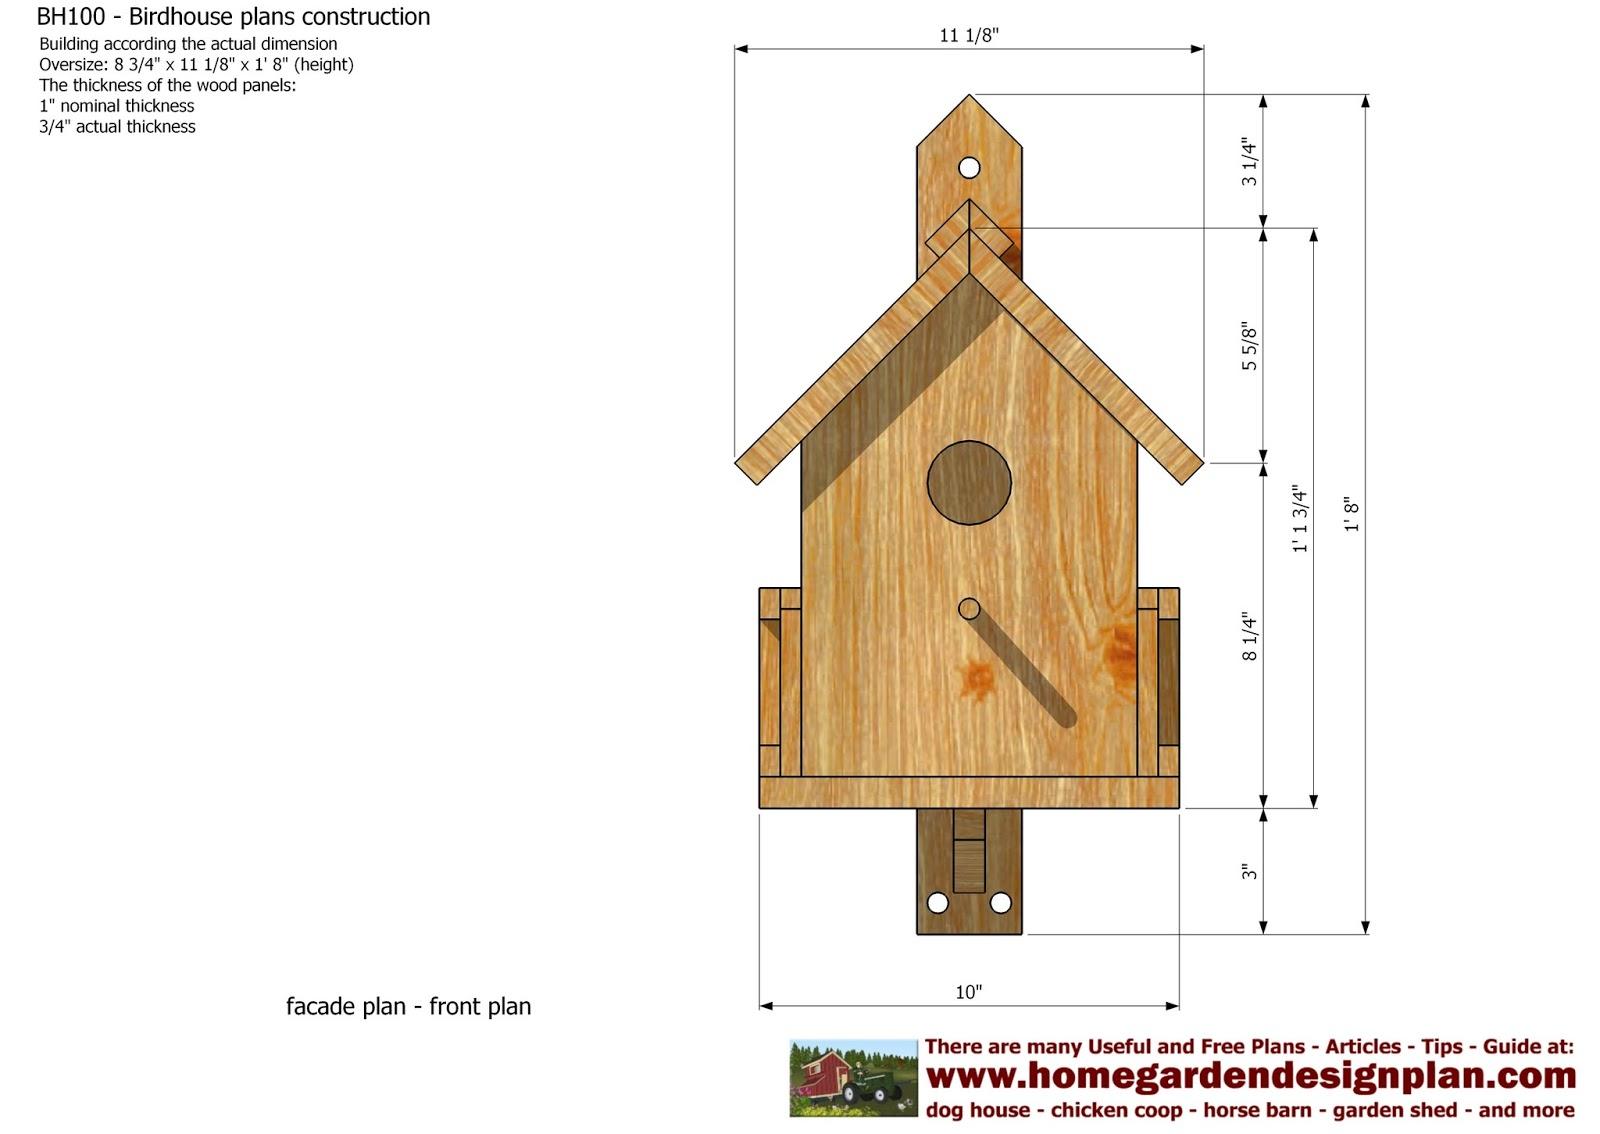 Complete Birdhouse construction plans | francois career